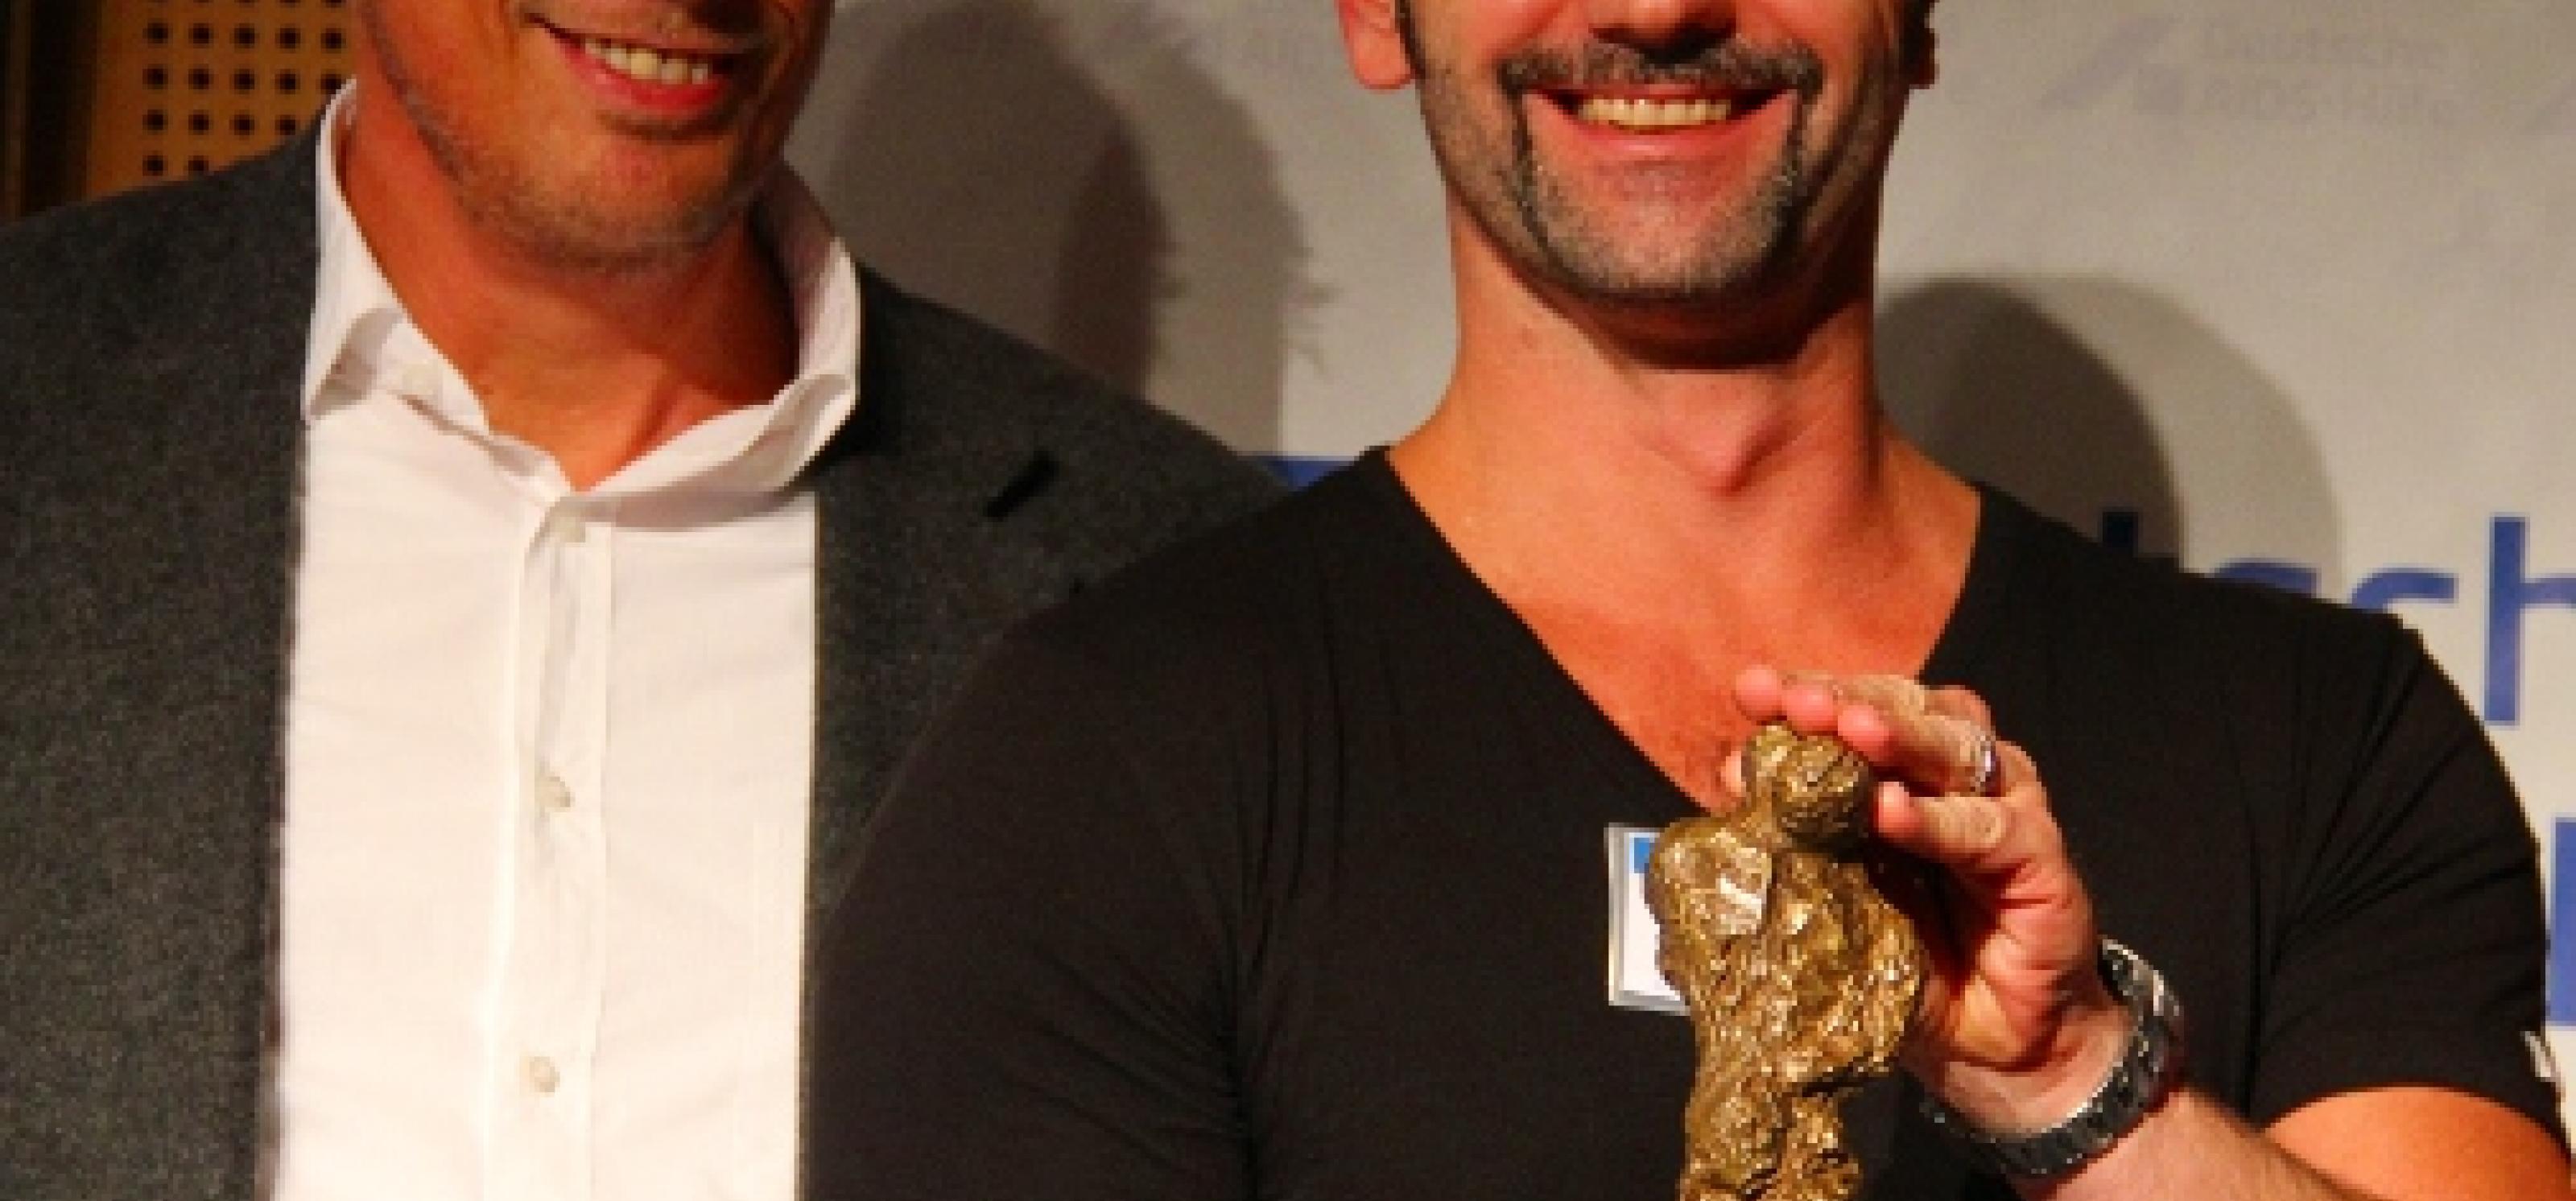 Verleihung des Hans-Peter-Hauschild-Preises